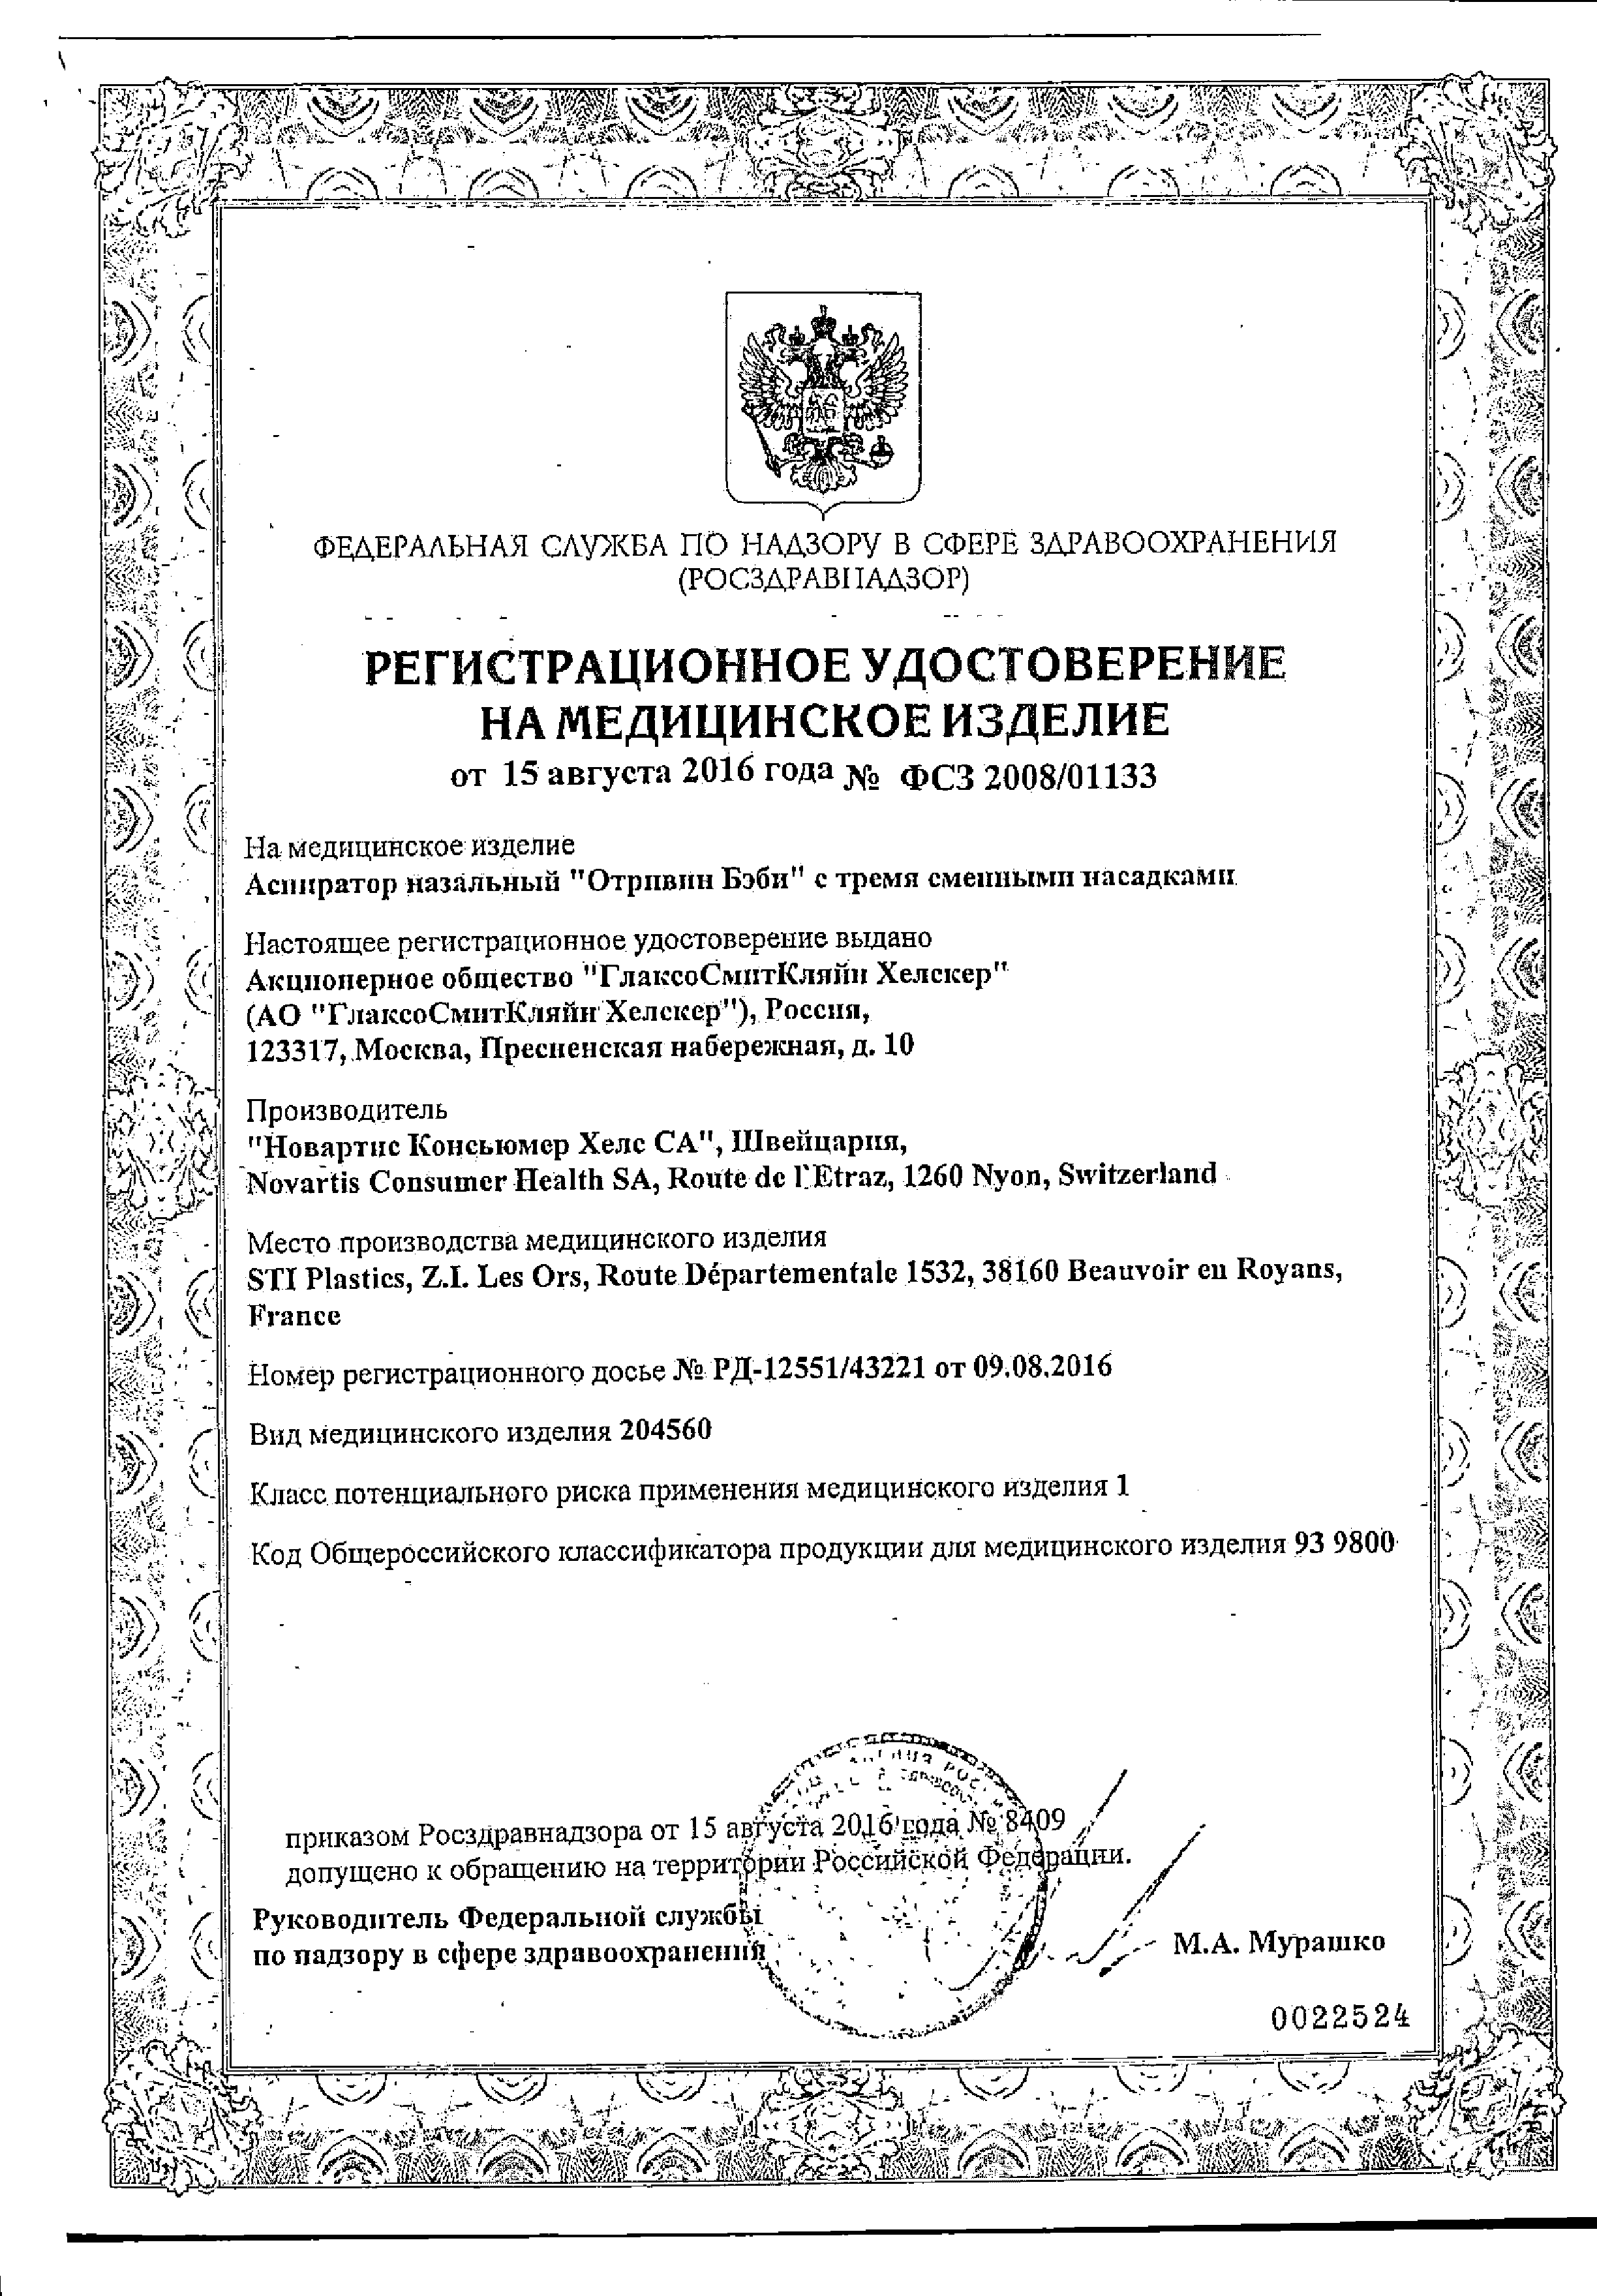 Отривин Бэби Аспиратор назальный сертификат